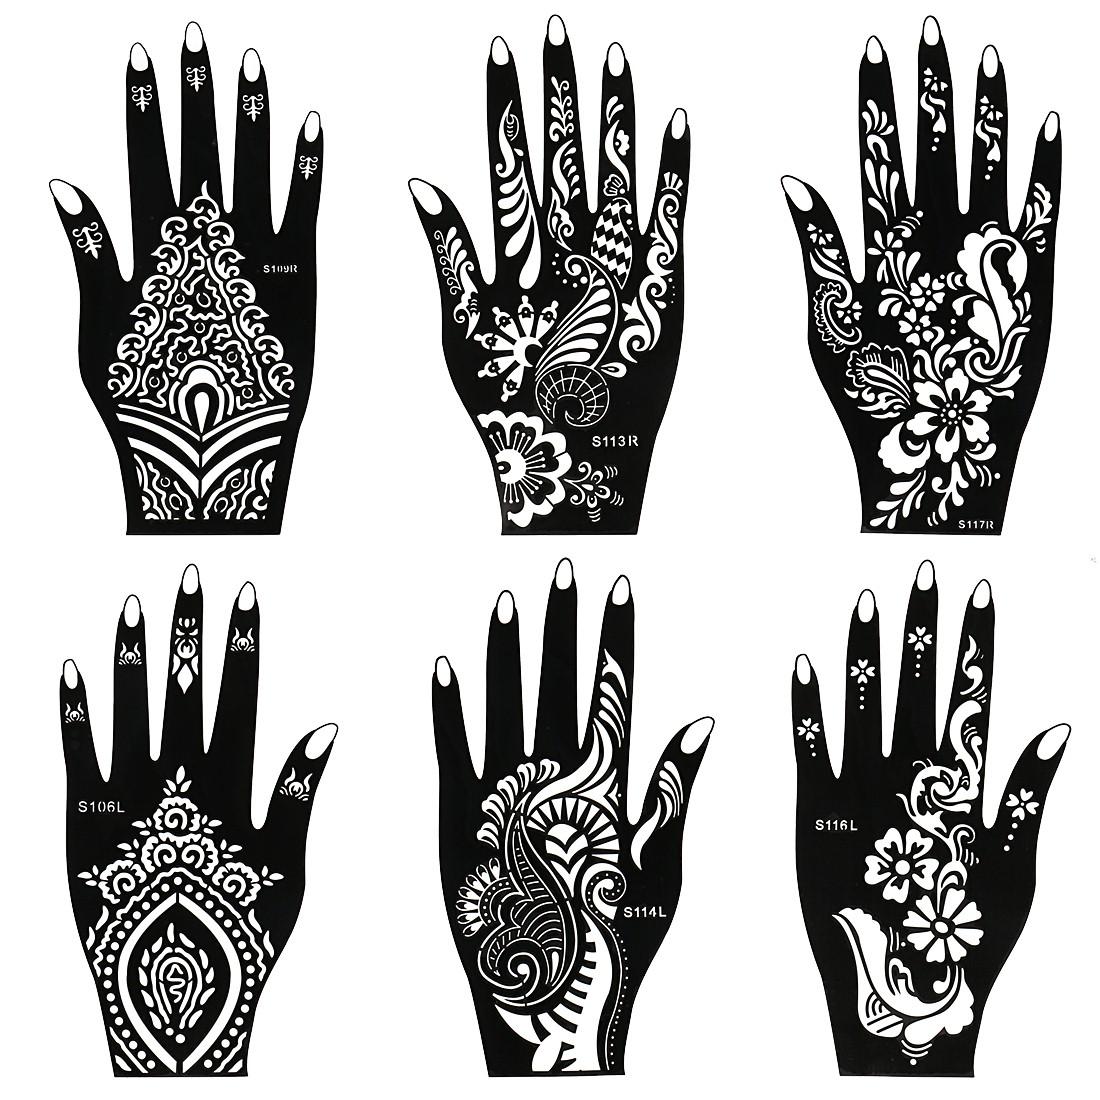 Mehndi Henna Kit : Bmc pc mehndi henna tattoo body part kit color cones